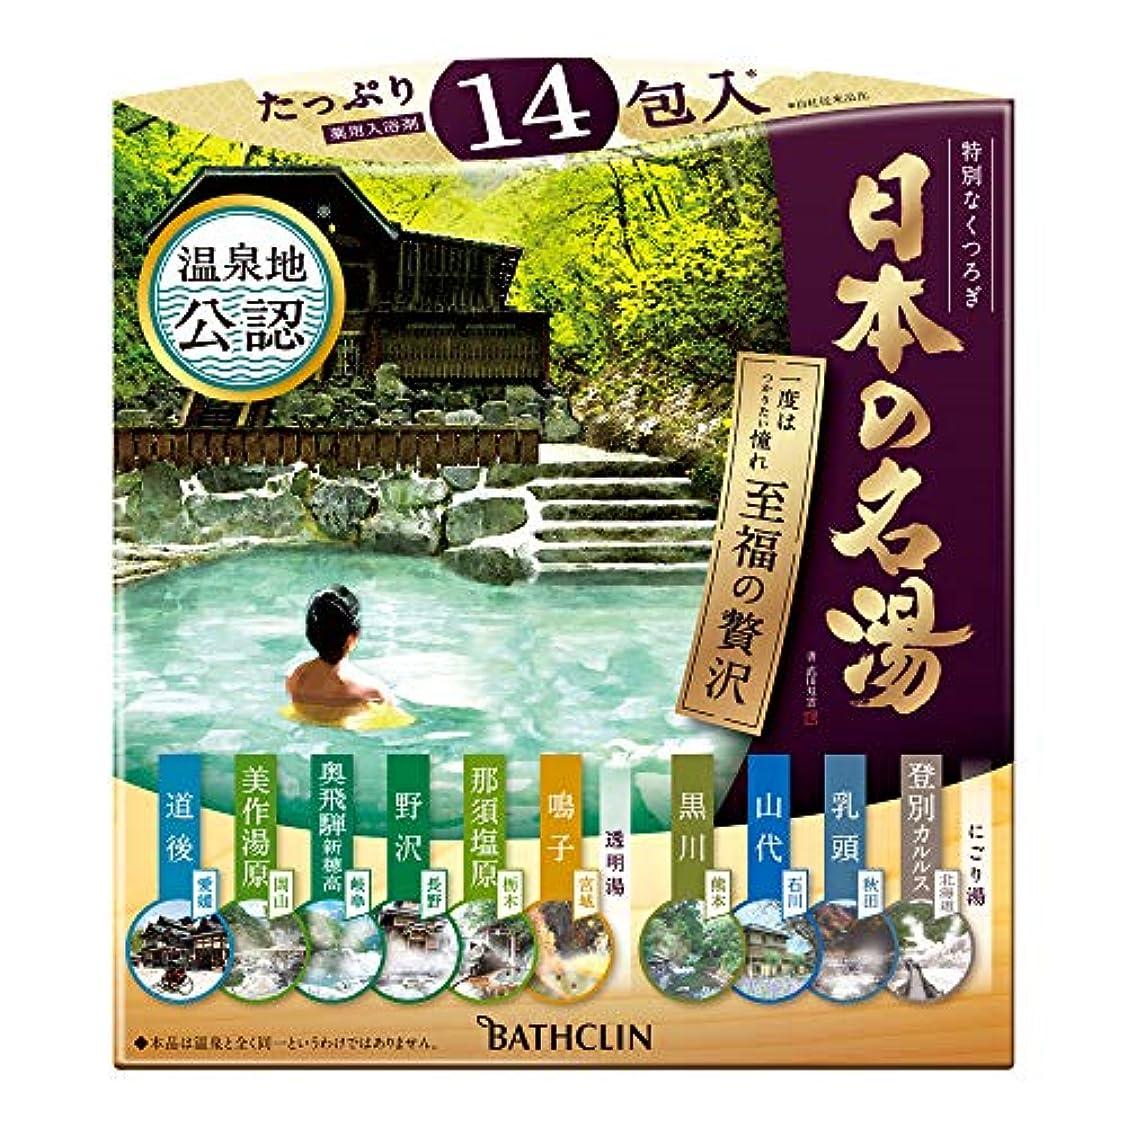 それ予約会う日本の名湯 至福の贅沢 入浴剤 色と香りで情緒を表現した温泉タイプ入浴剤 セット 30g×14包